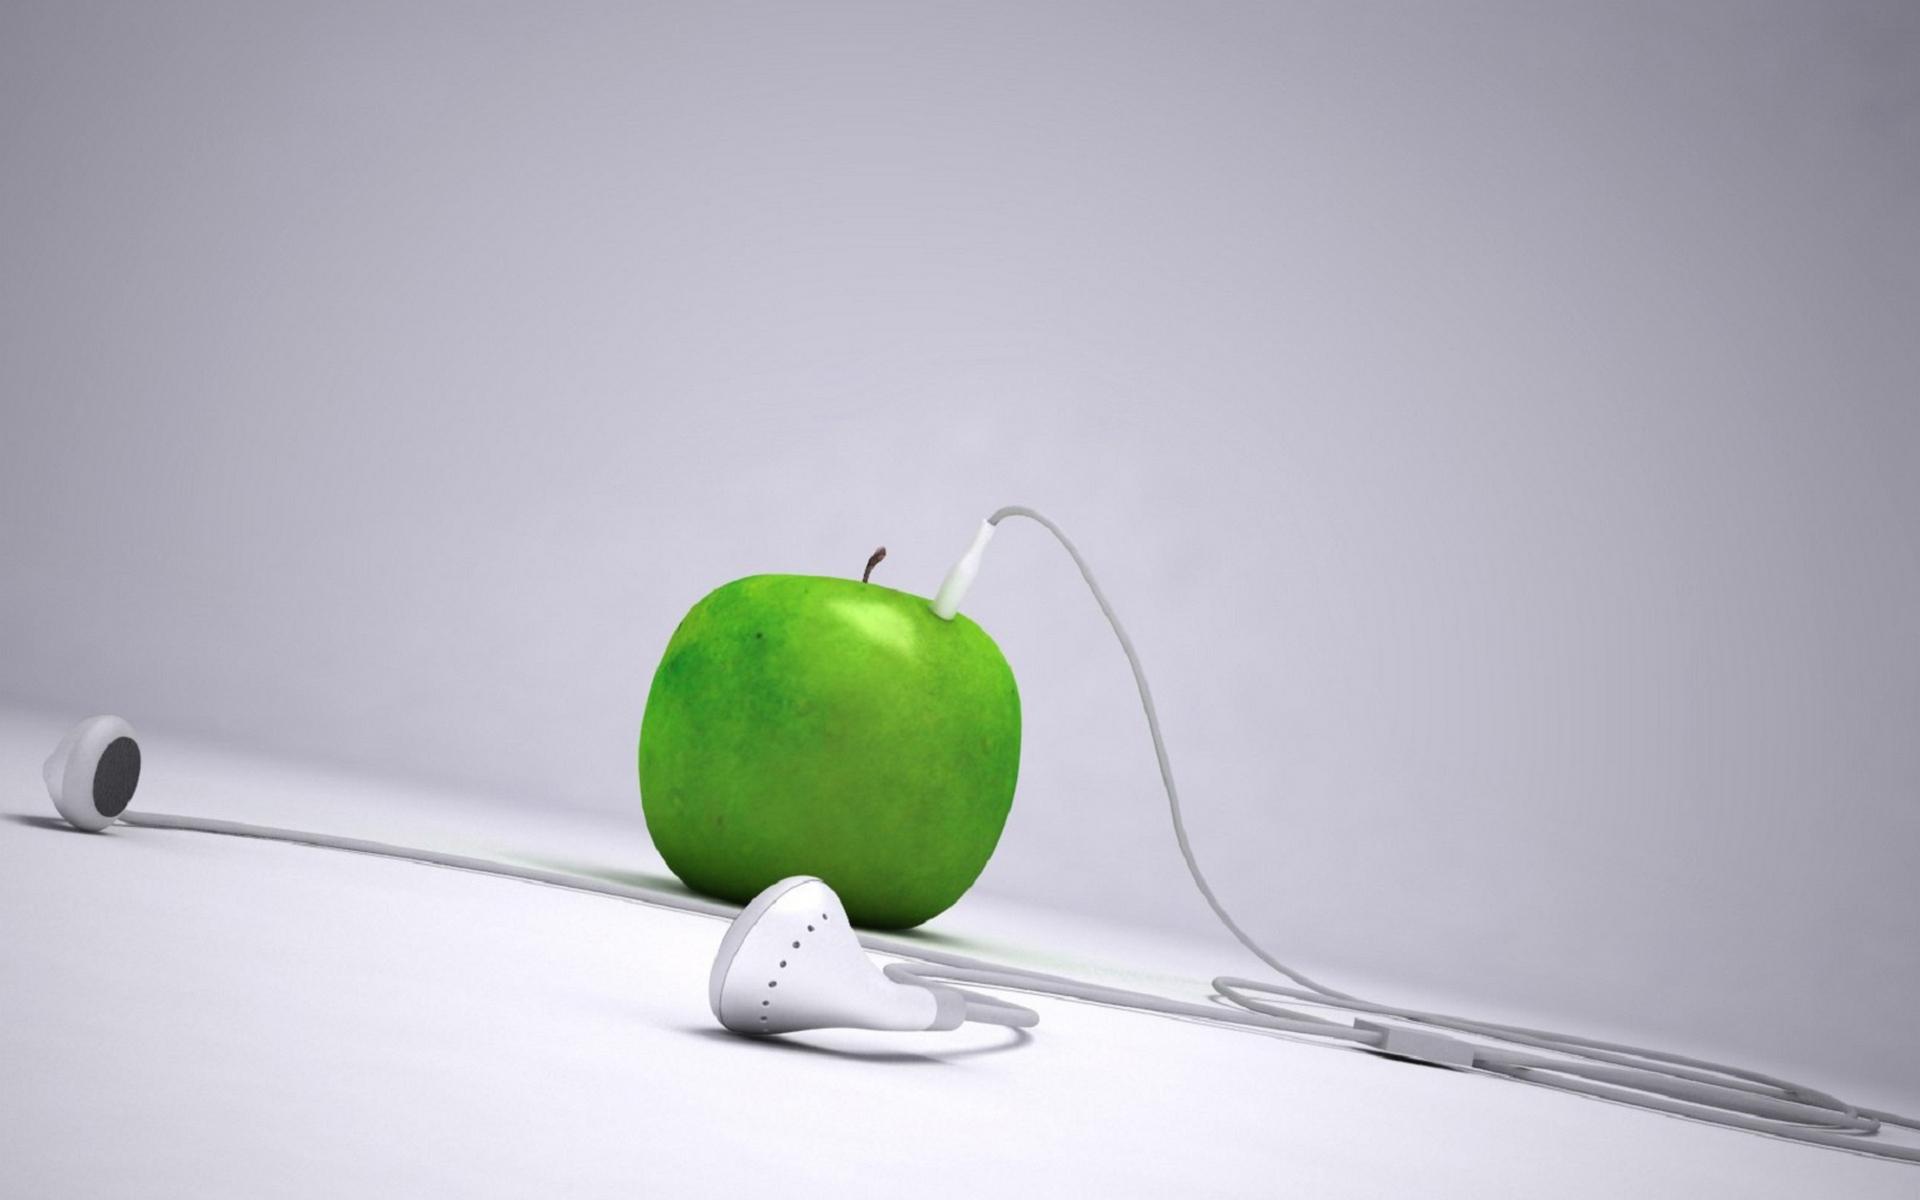 бывших наполеоновских креативные картинки яблок тем более, когда